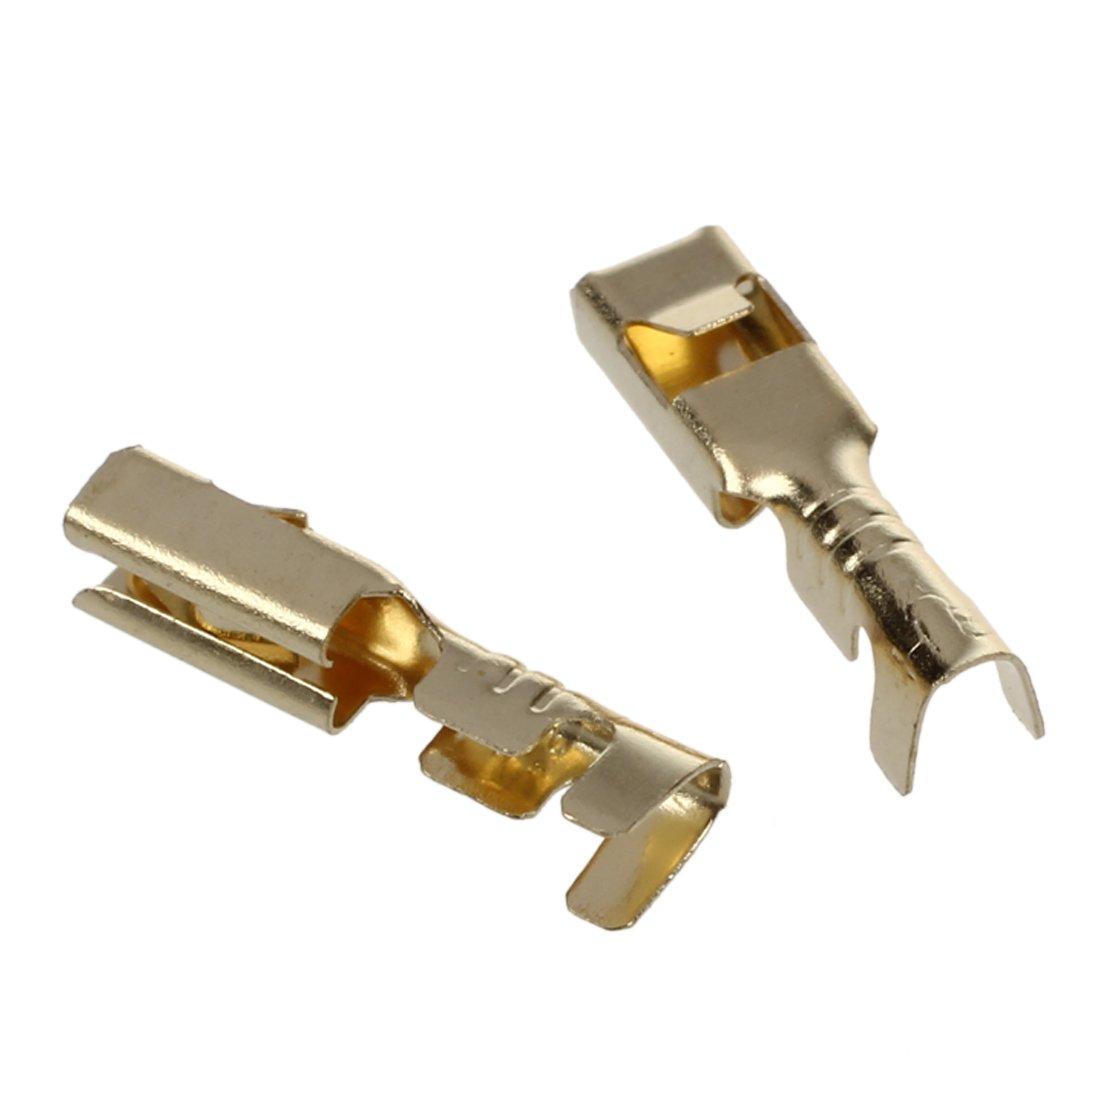 XZANTE 20 x 2.8mm Connecteurs de cosse de cable femelle